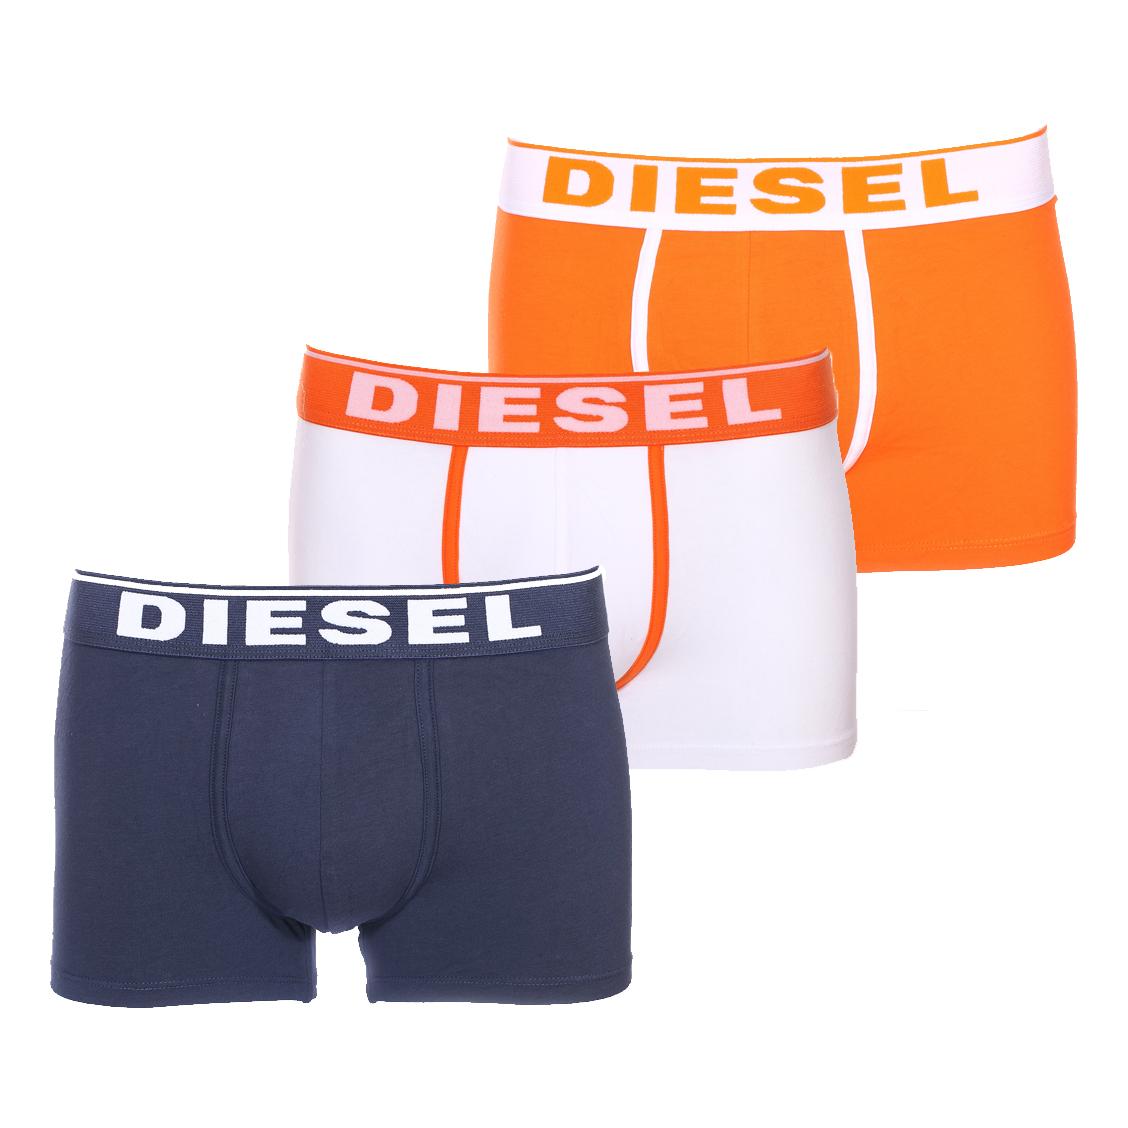 Lot de 3 boxers diesel en coton stretch bleu, blanc et orange